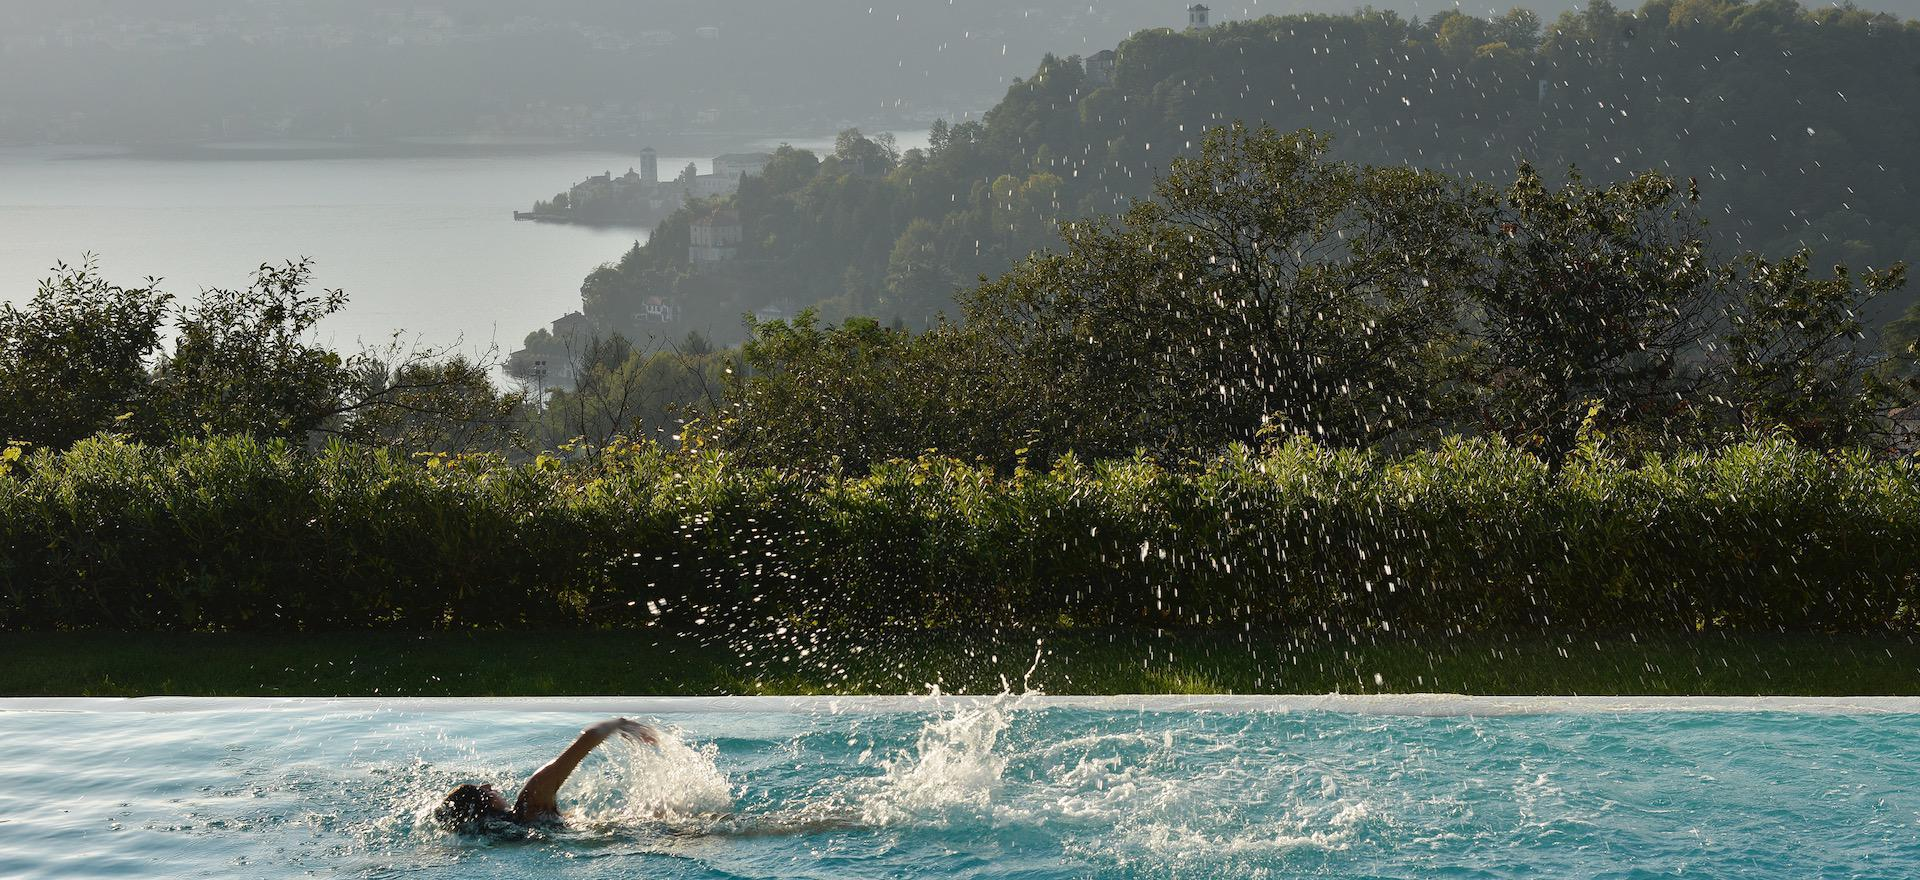 Agriturismo Lago di Como e lago di Garda Agriturismo lago Maggiore con bellissima vista